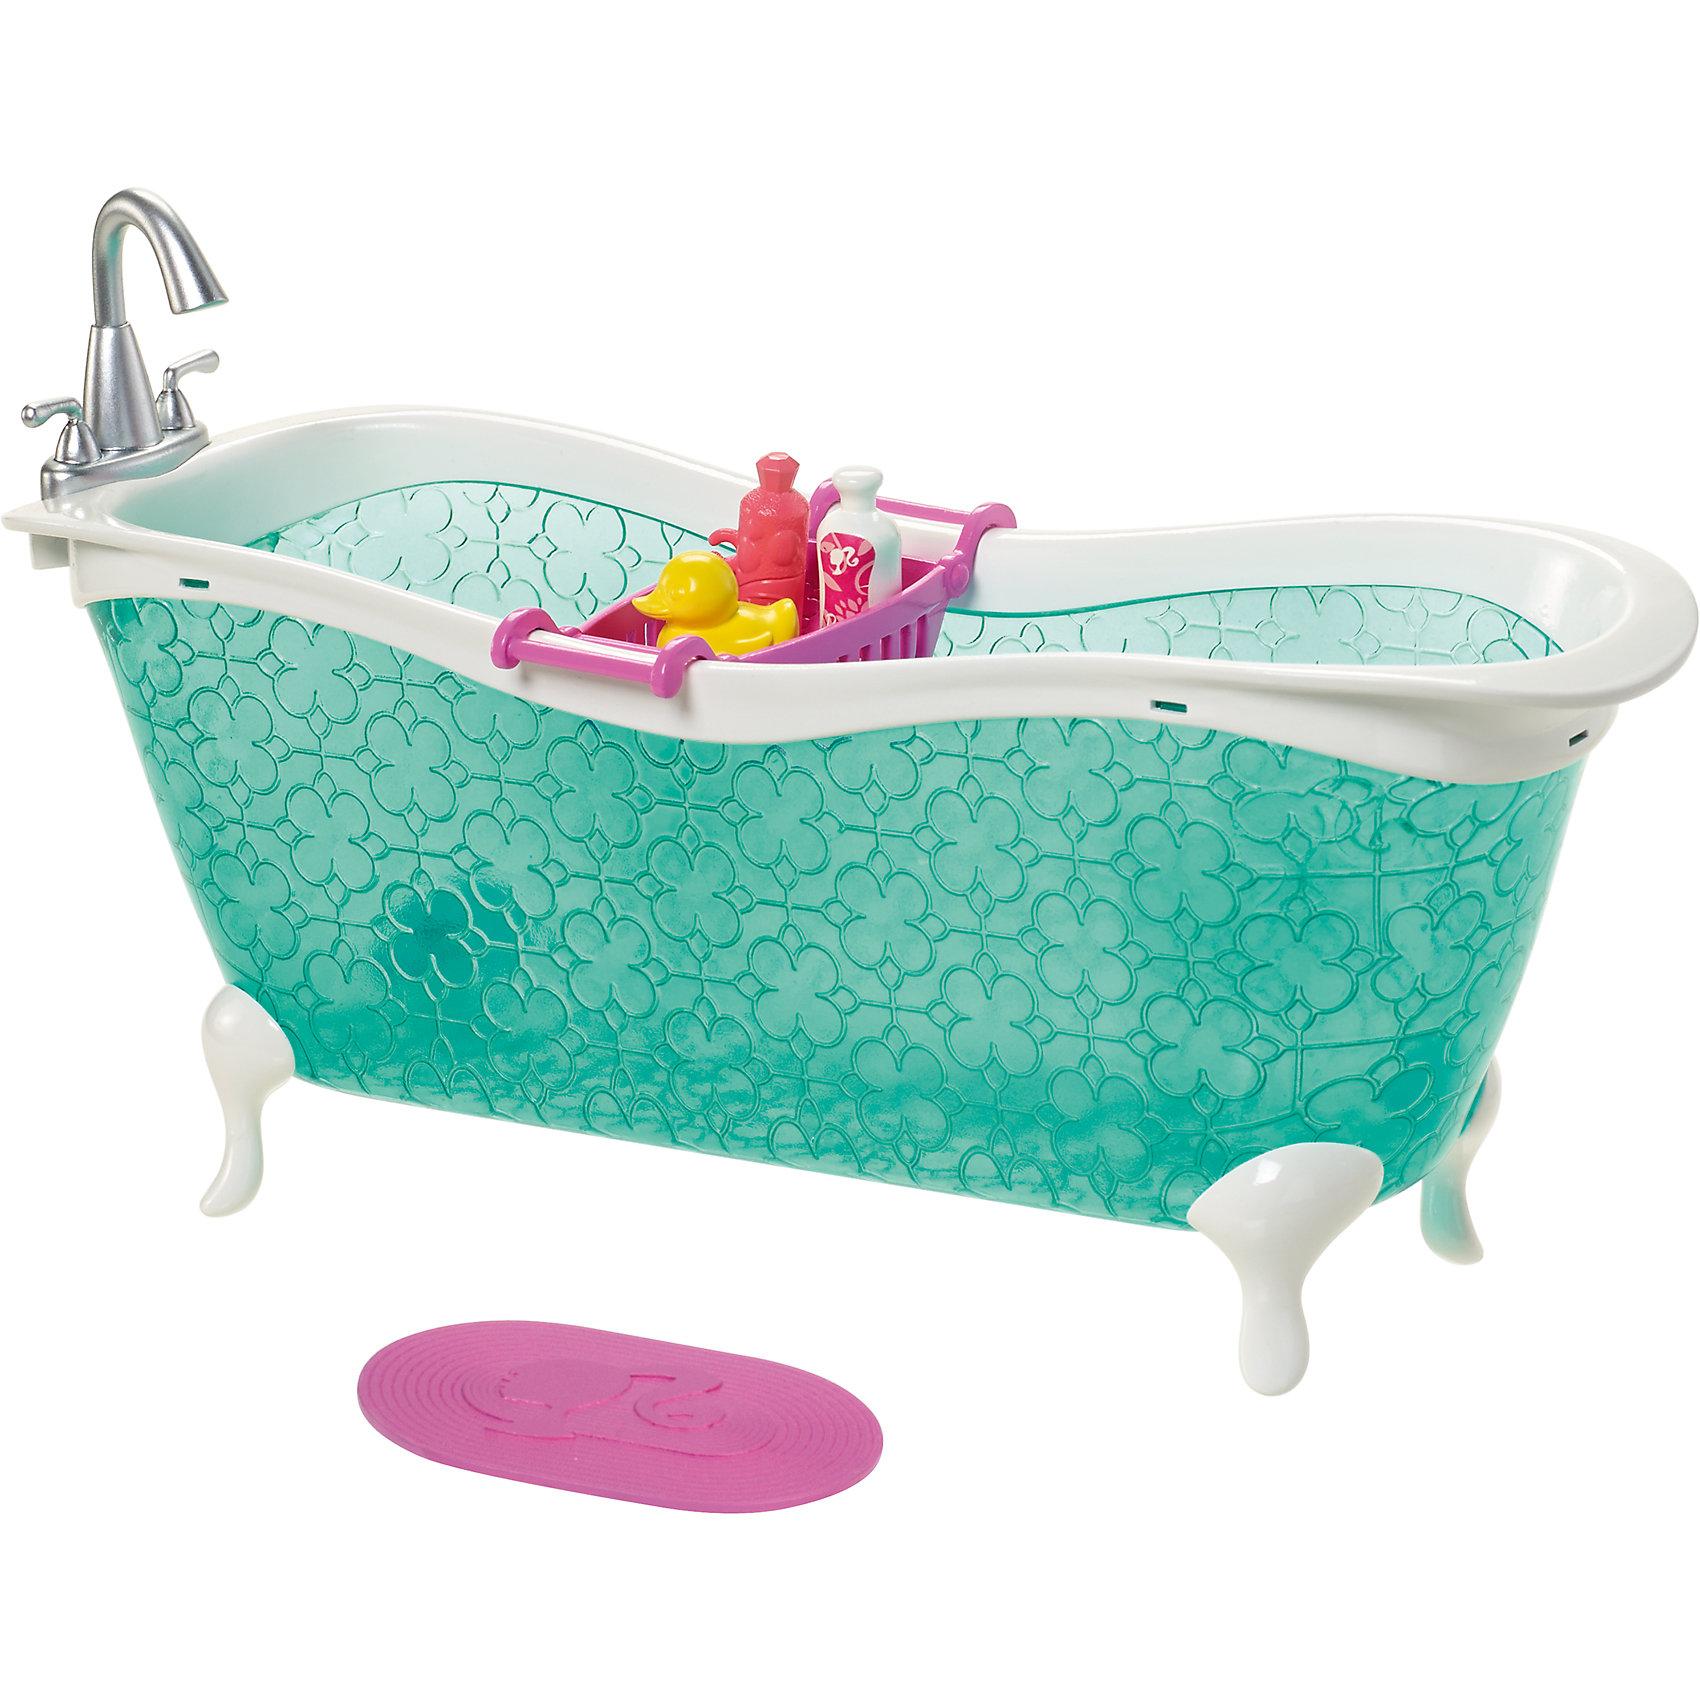 Набор для декора дома, BarbieНаборы мебели для дома куклы Barbie (Барби) приведут в восторг современную девочку. Богатый выбор мебели и аксессуаров, которые продаются по отдельности, позволит ребенку почувствовать себя дизайнером и превратить дом Барби в уютное и красивое место. Мебель выполнена в соответствии с высокими стандартами качества Mattel. Эта мебель поможет девочке весело проводить время, а также развивать художественный вкус и воображение, а также учиться правильно использовать пространство.<br>Данный набор состоит из ванны, коврика и набора мелочей для мытья. Игрушка изготовлена из высококачественных, легких и безопасных для детей материалов. Яркая стильная мебель для любимой куклы станет отличным подарком девочке!<br><br>Дополнительная информация:<br><br>цвет: разноцветный;<br>материал: пластик;<br>комплектация: ванна, набор для ванны, коврик.<br><br>Набор для декора дома, Barbie (Барби), от бренда Mattel можно купить в нашем магазине.<br><br>Ширина мм: 272<br>Глубина мм: 182<br>Высота мм: 83<br>Вес г: 259<br>Возраст от месяцев: 36<br>Возраст до месяцев: 72<br>Пол: Женский<br>Возраст: Детский<br>SKU: 4413684